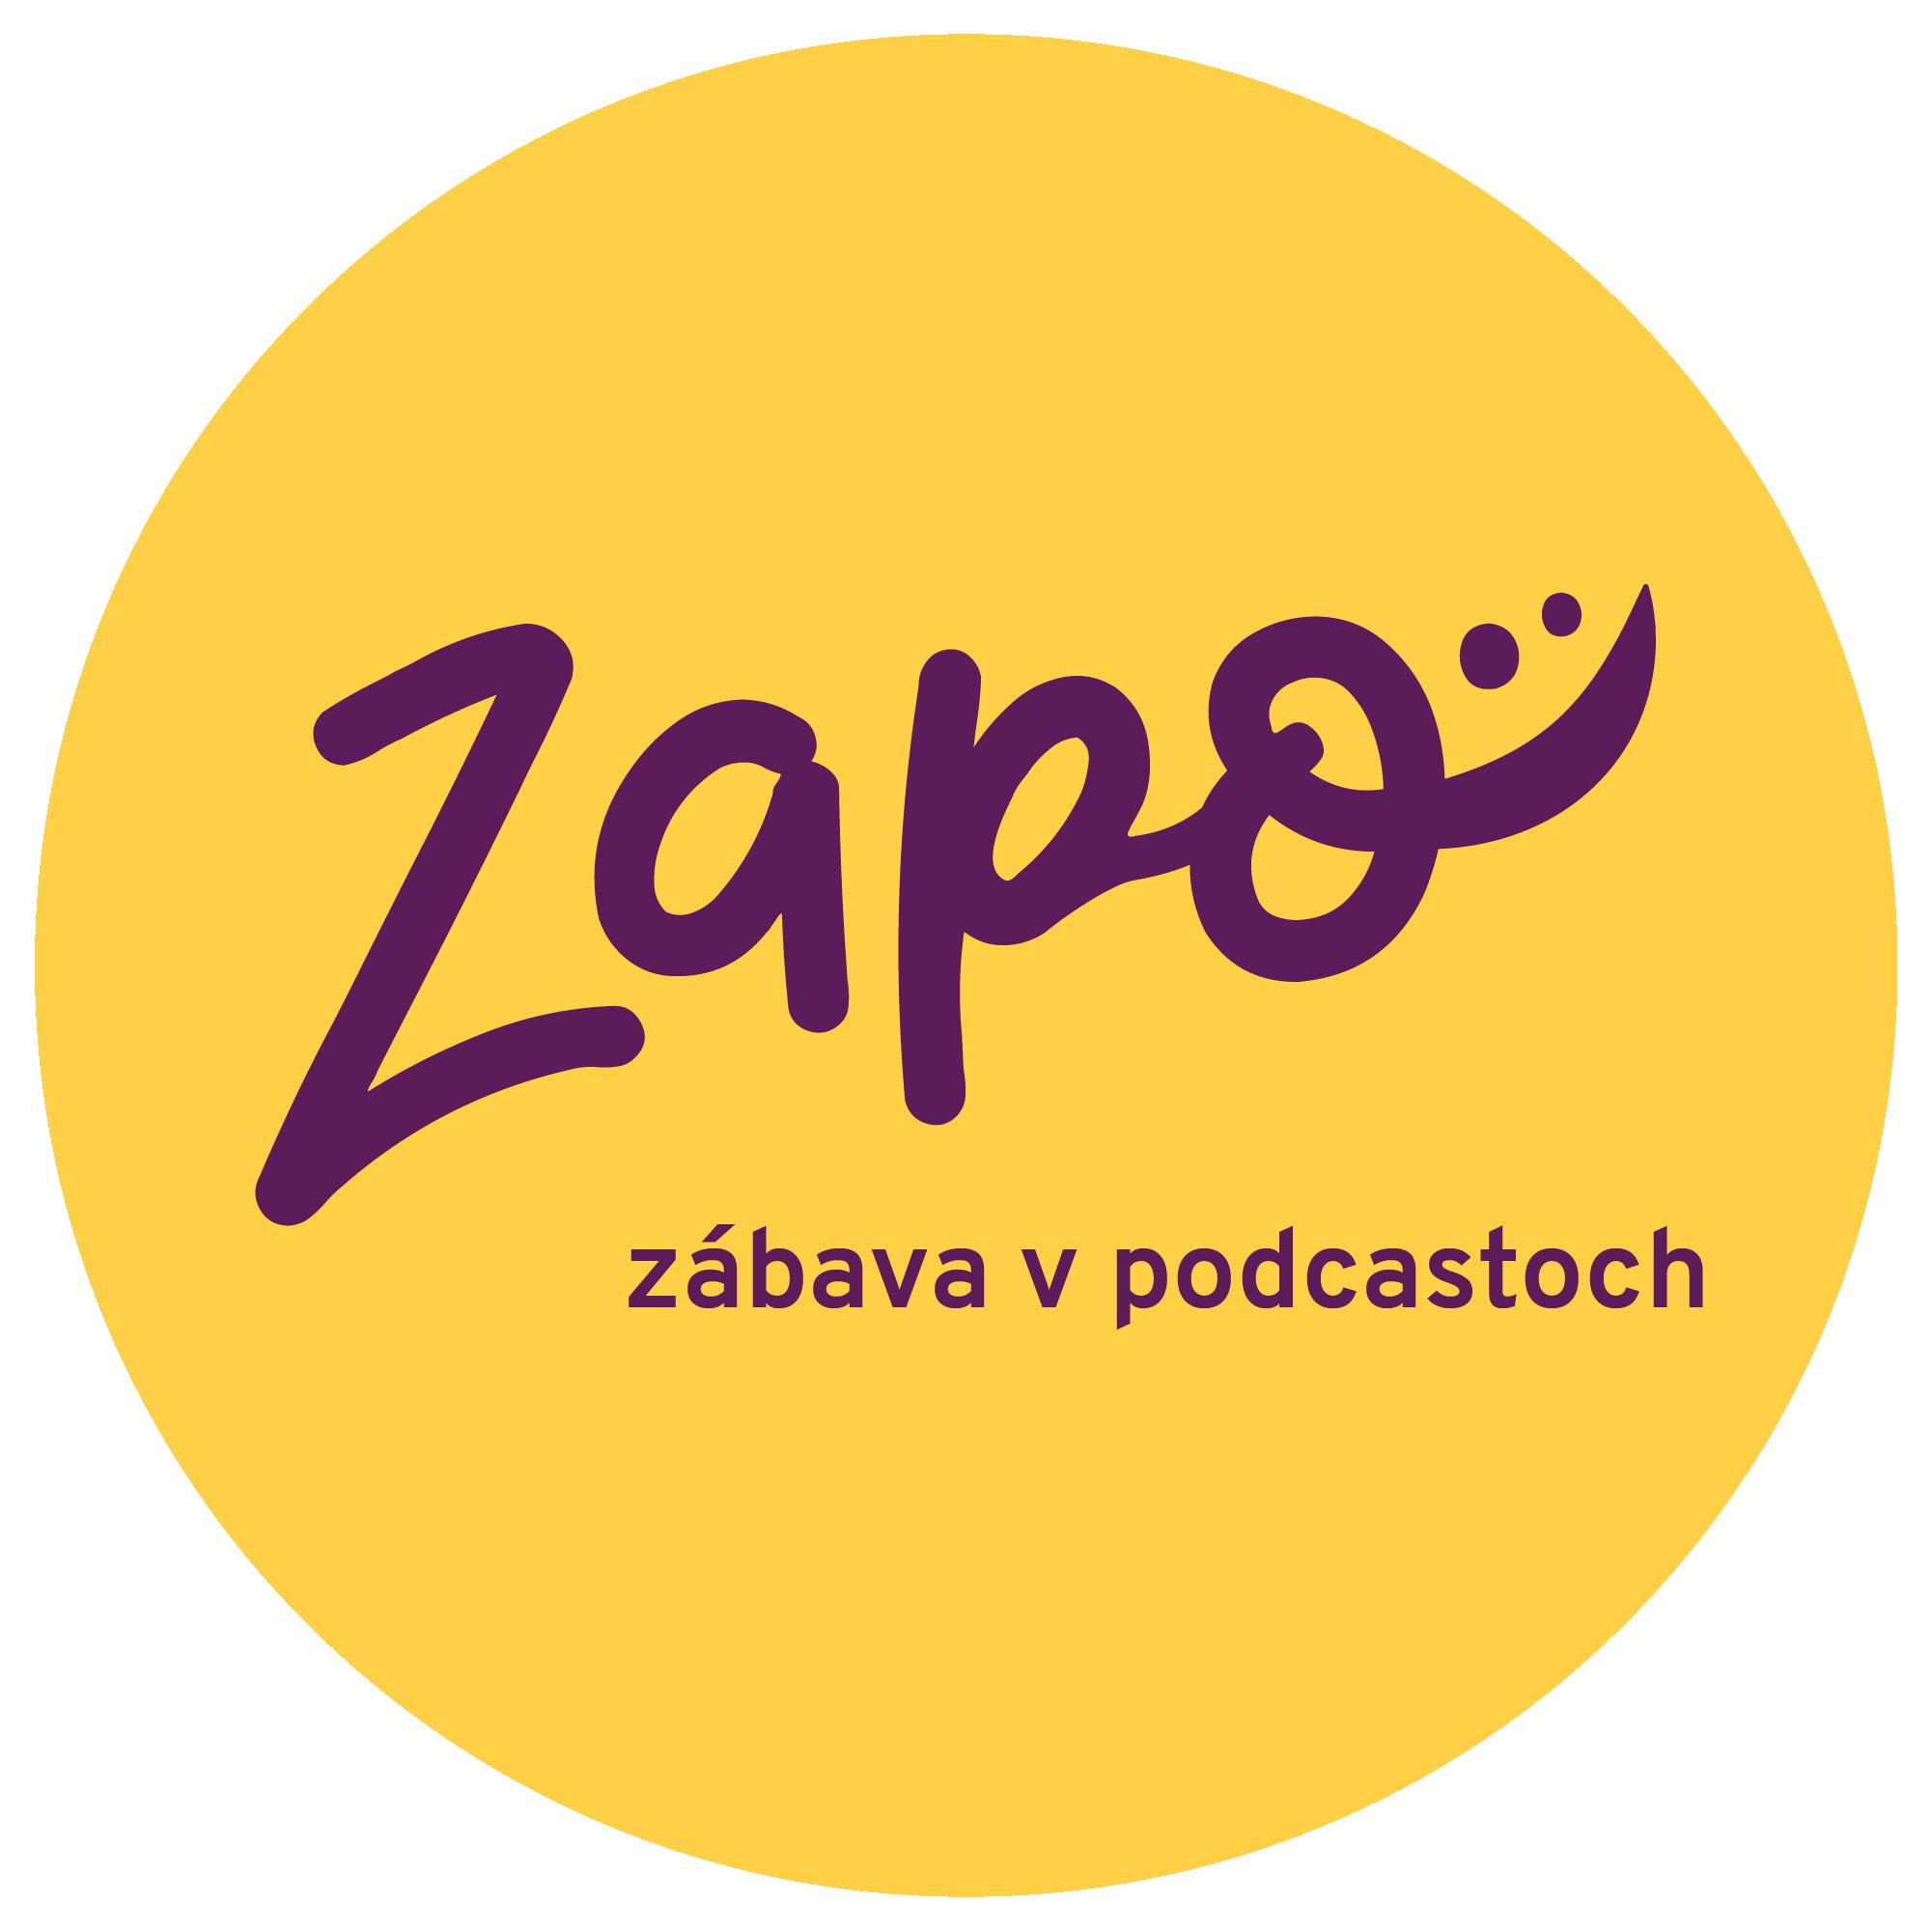 Zapo official